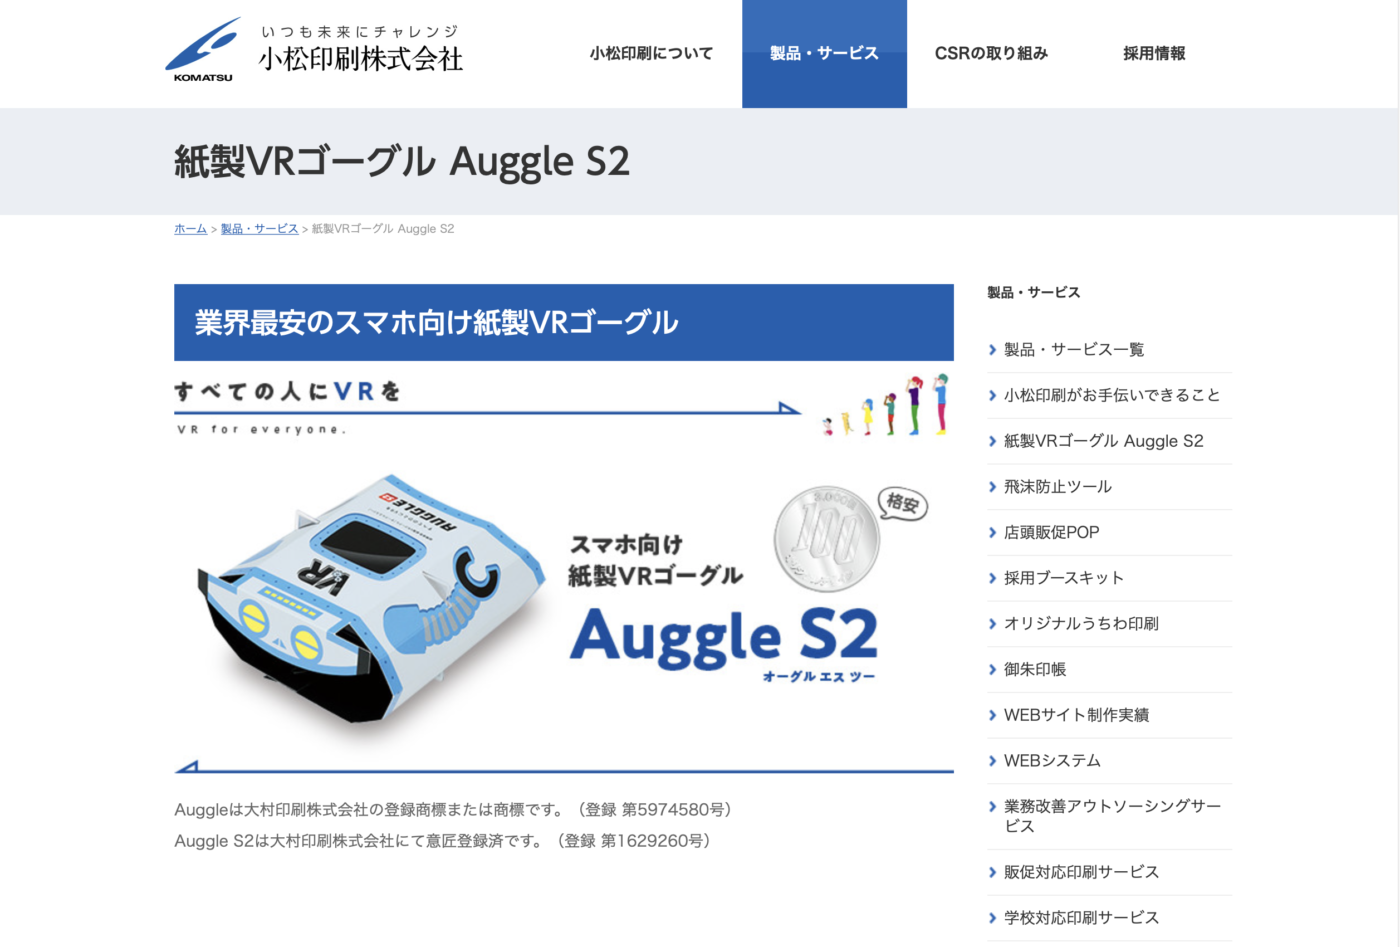 小松印刷株式会社サイト画面